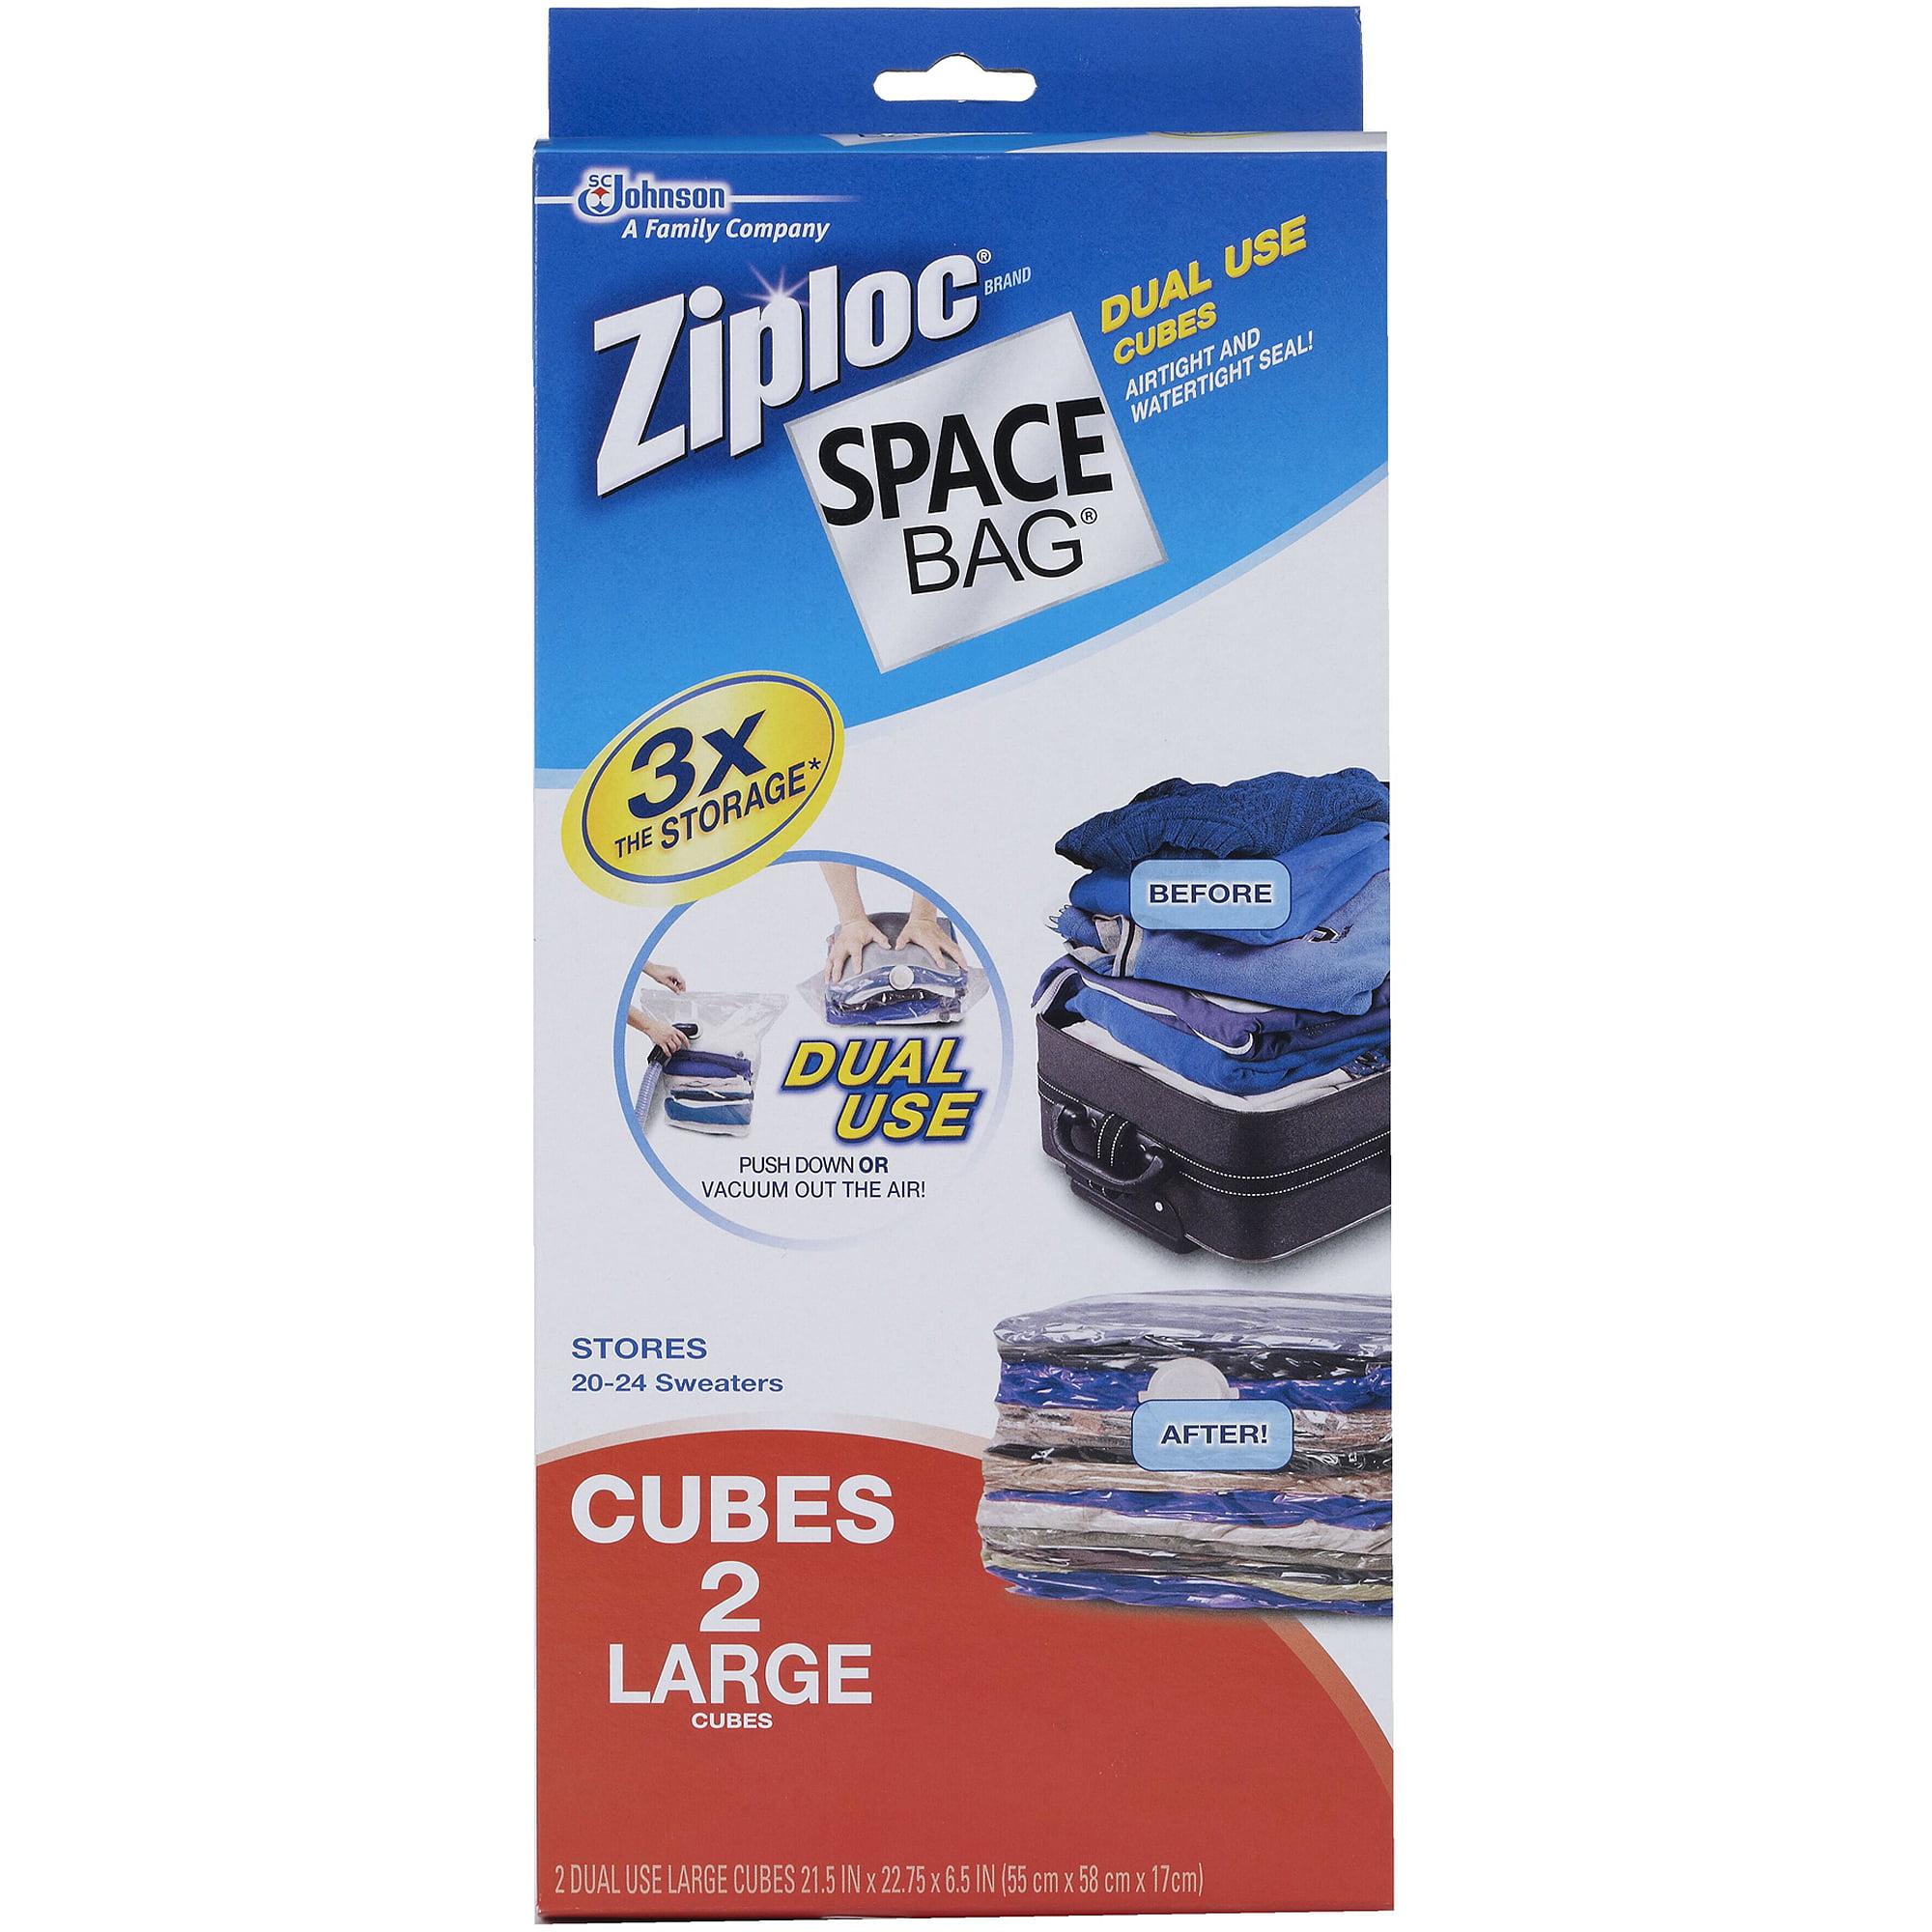 Ziploc Large Cube Space Bag Vacuum Seal Bags, 2-Pack